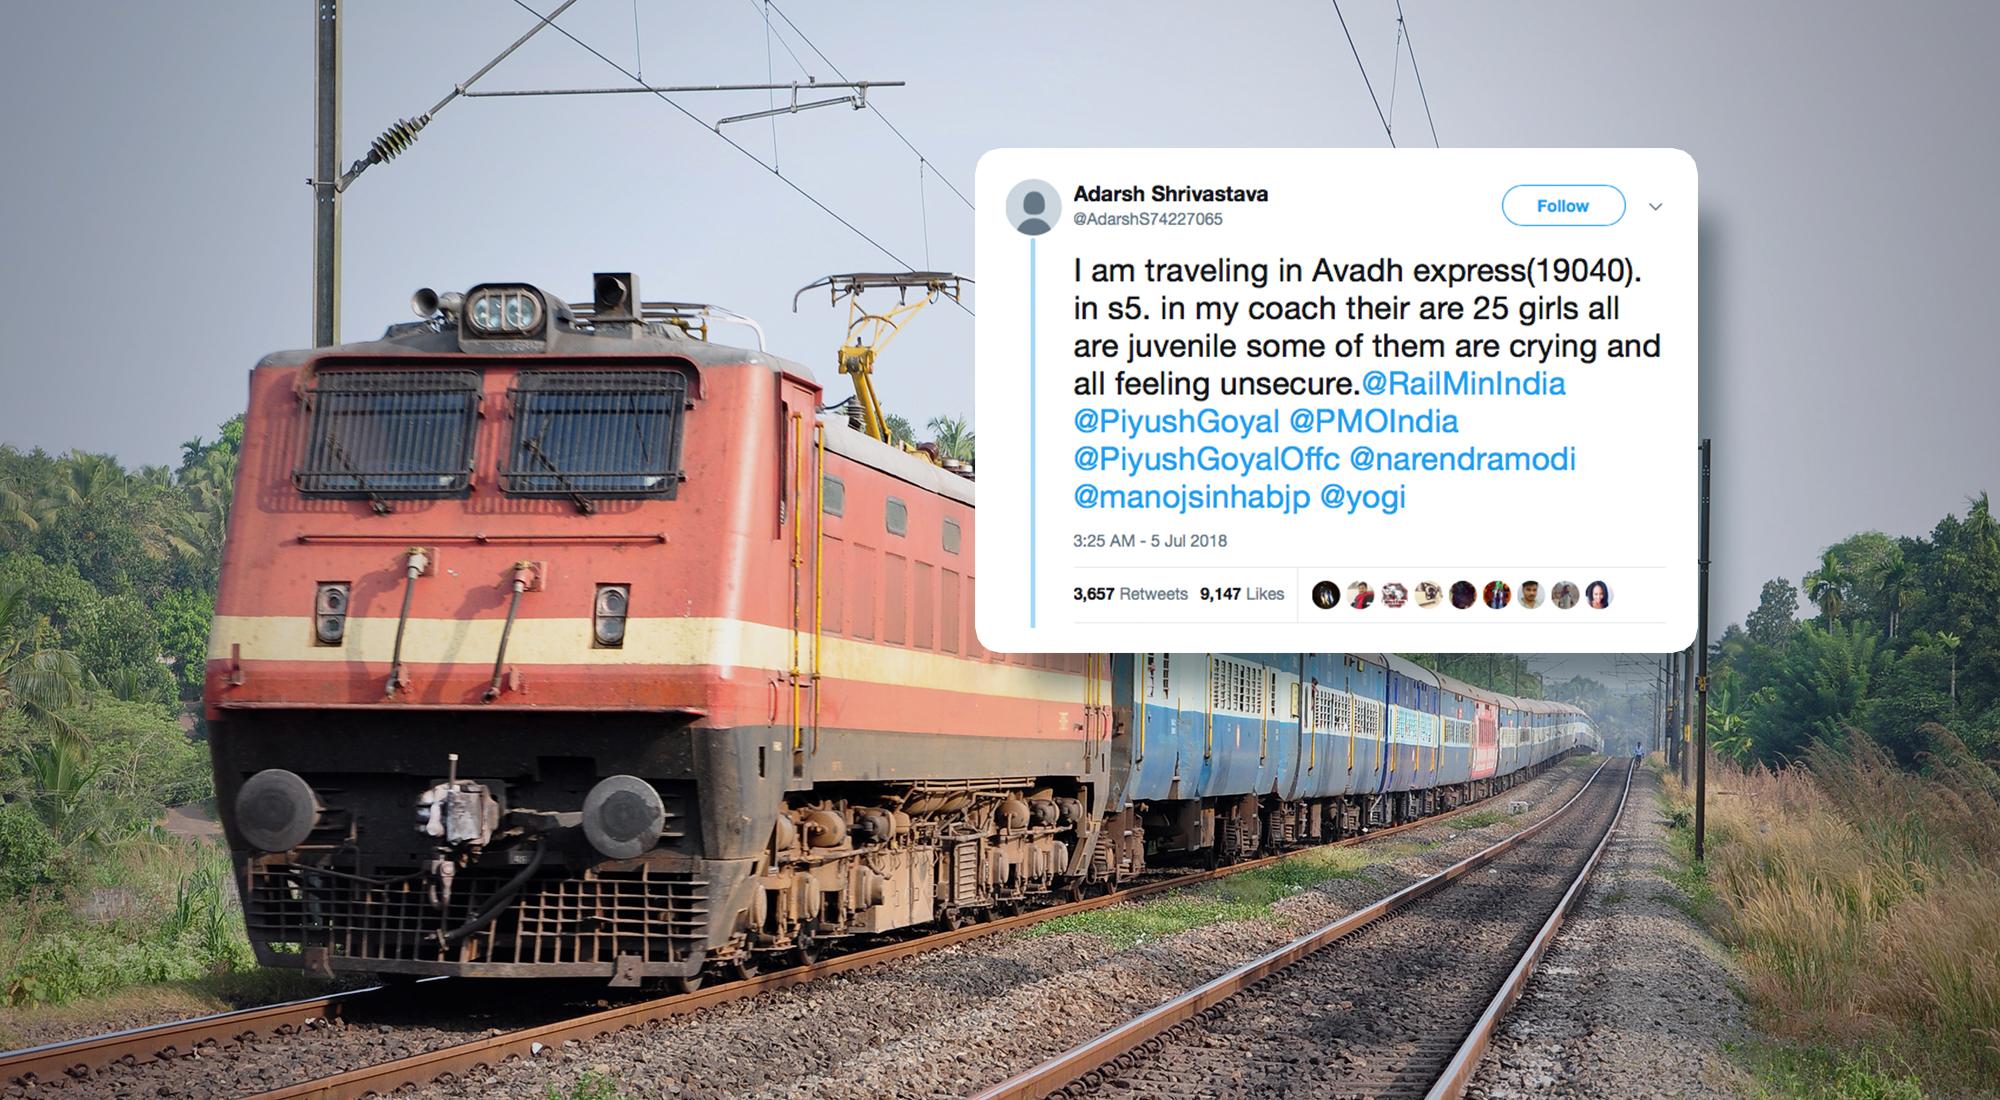 This Train Passenger's Tweet Saved 25 Girls from Human Trafficking